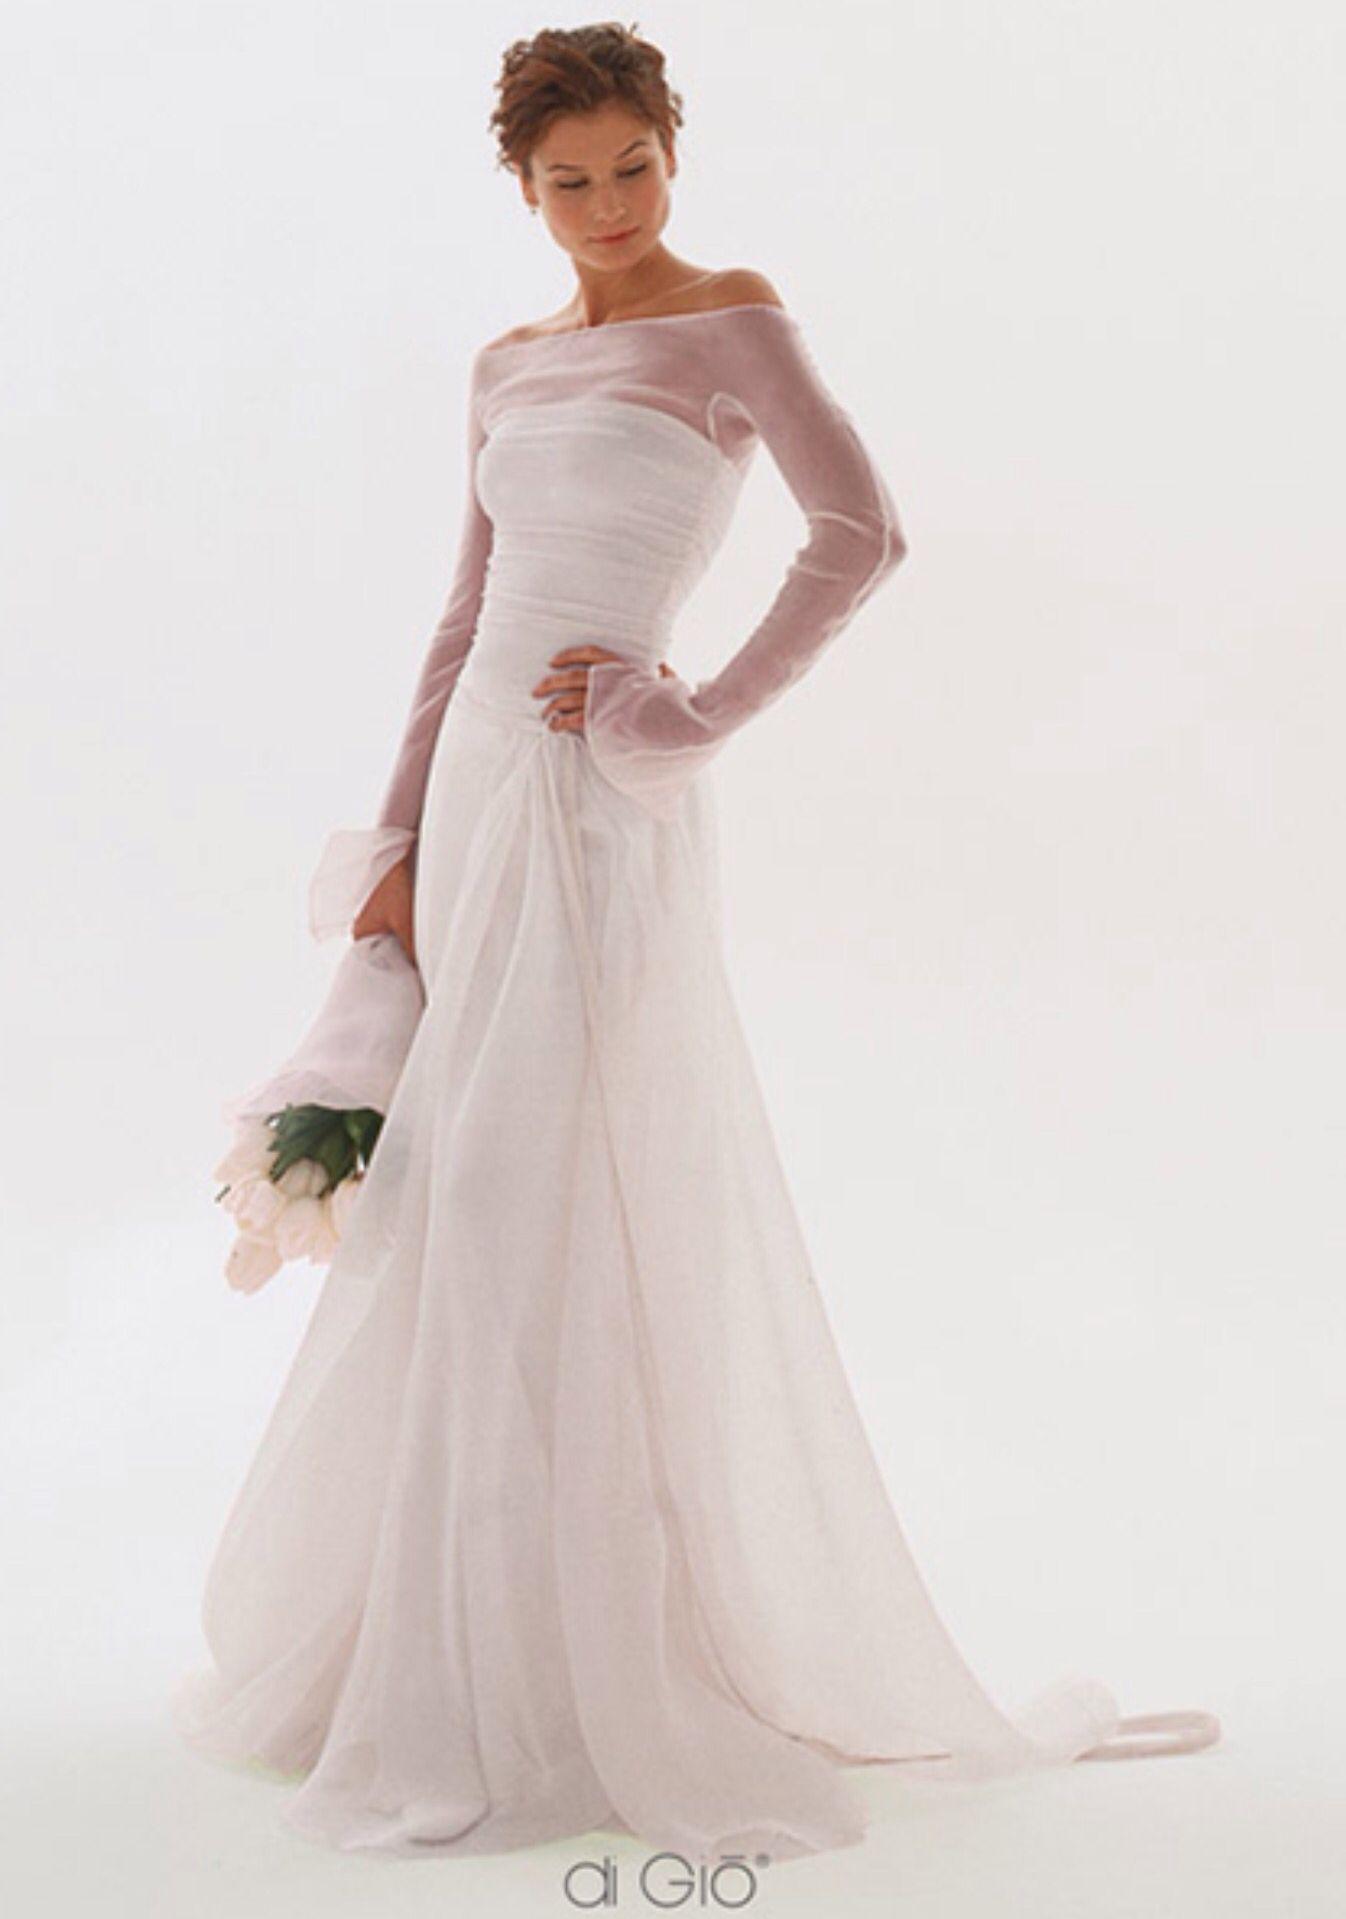 Abiti Da Sposa Secondo Matrimonio.Le Spose Di Gio Con Immagini Vestito Da Sposa Spose